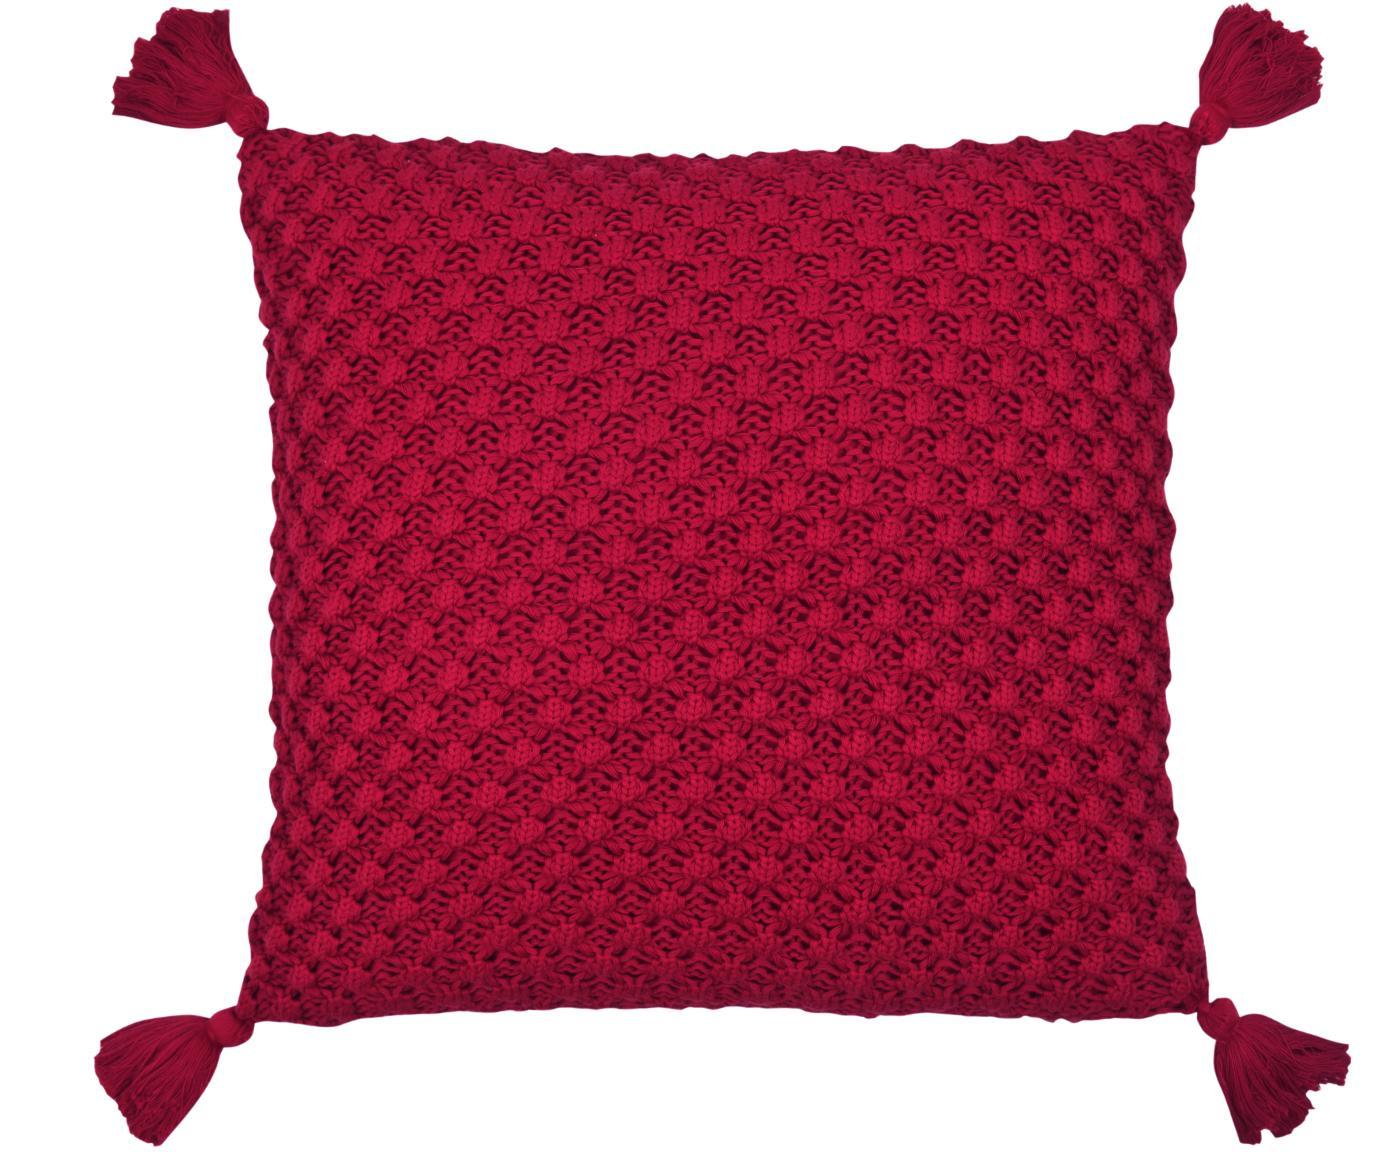 Poszewka na poduszkę z dzianiny Astrid, 100% bawełna, Czerwony, S 50 x D 50 cm